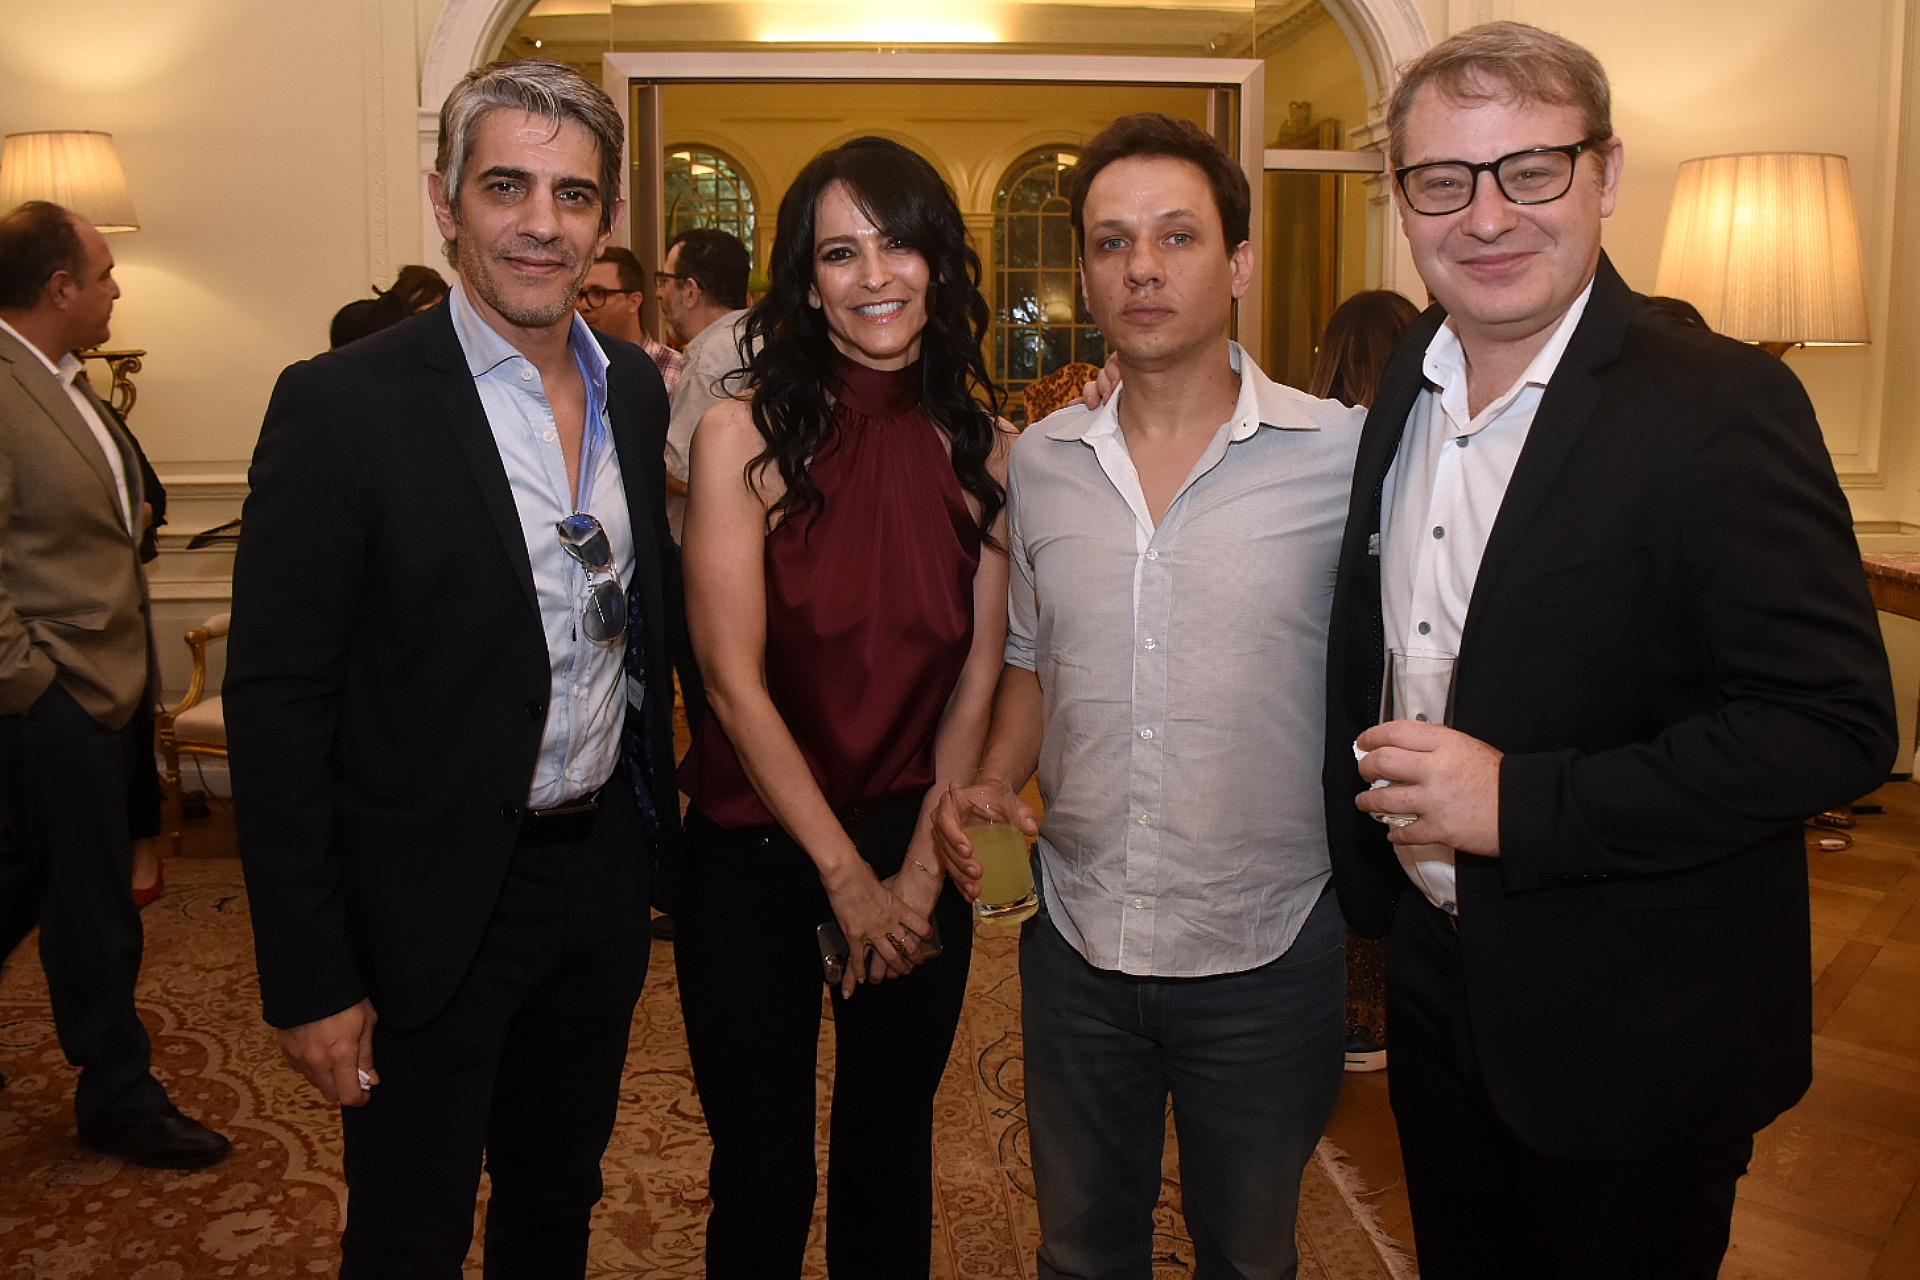 Pablo Echarri junto a Cindy Teperman y Axel Kuschevatzky. Infinity Hill también planea un documental, dirigido por Martín Sastre, sobre los conciertos de Natalia Oreiro en Rusia